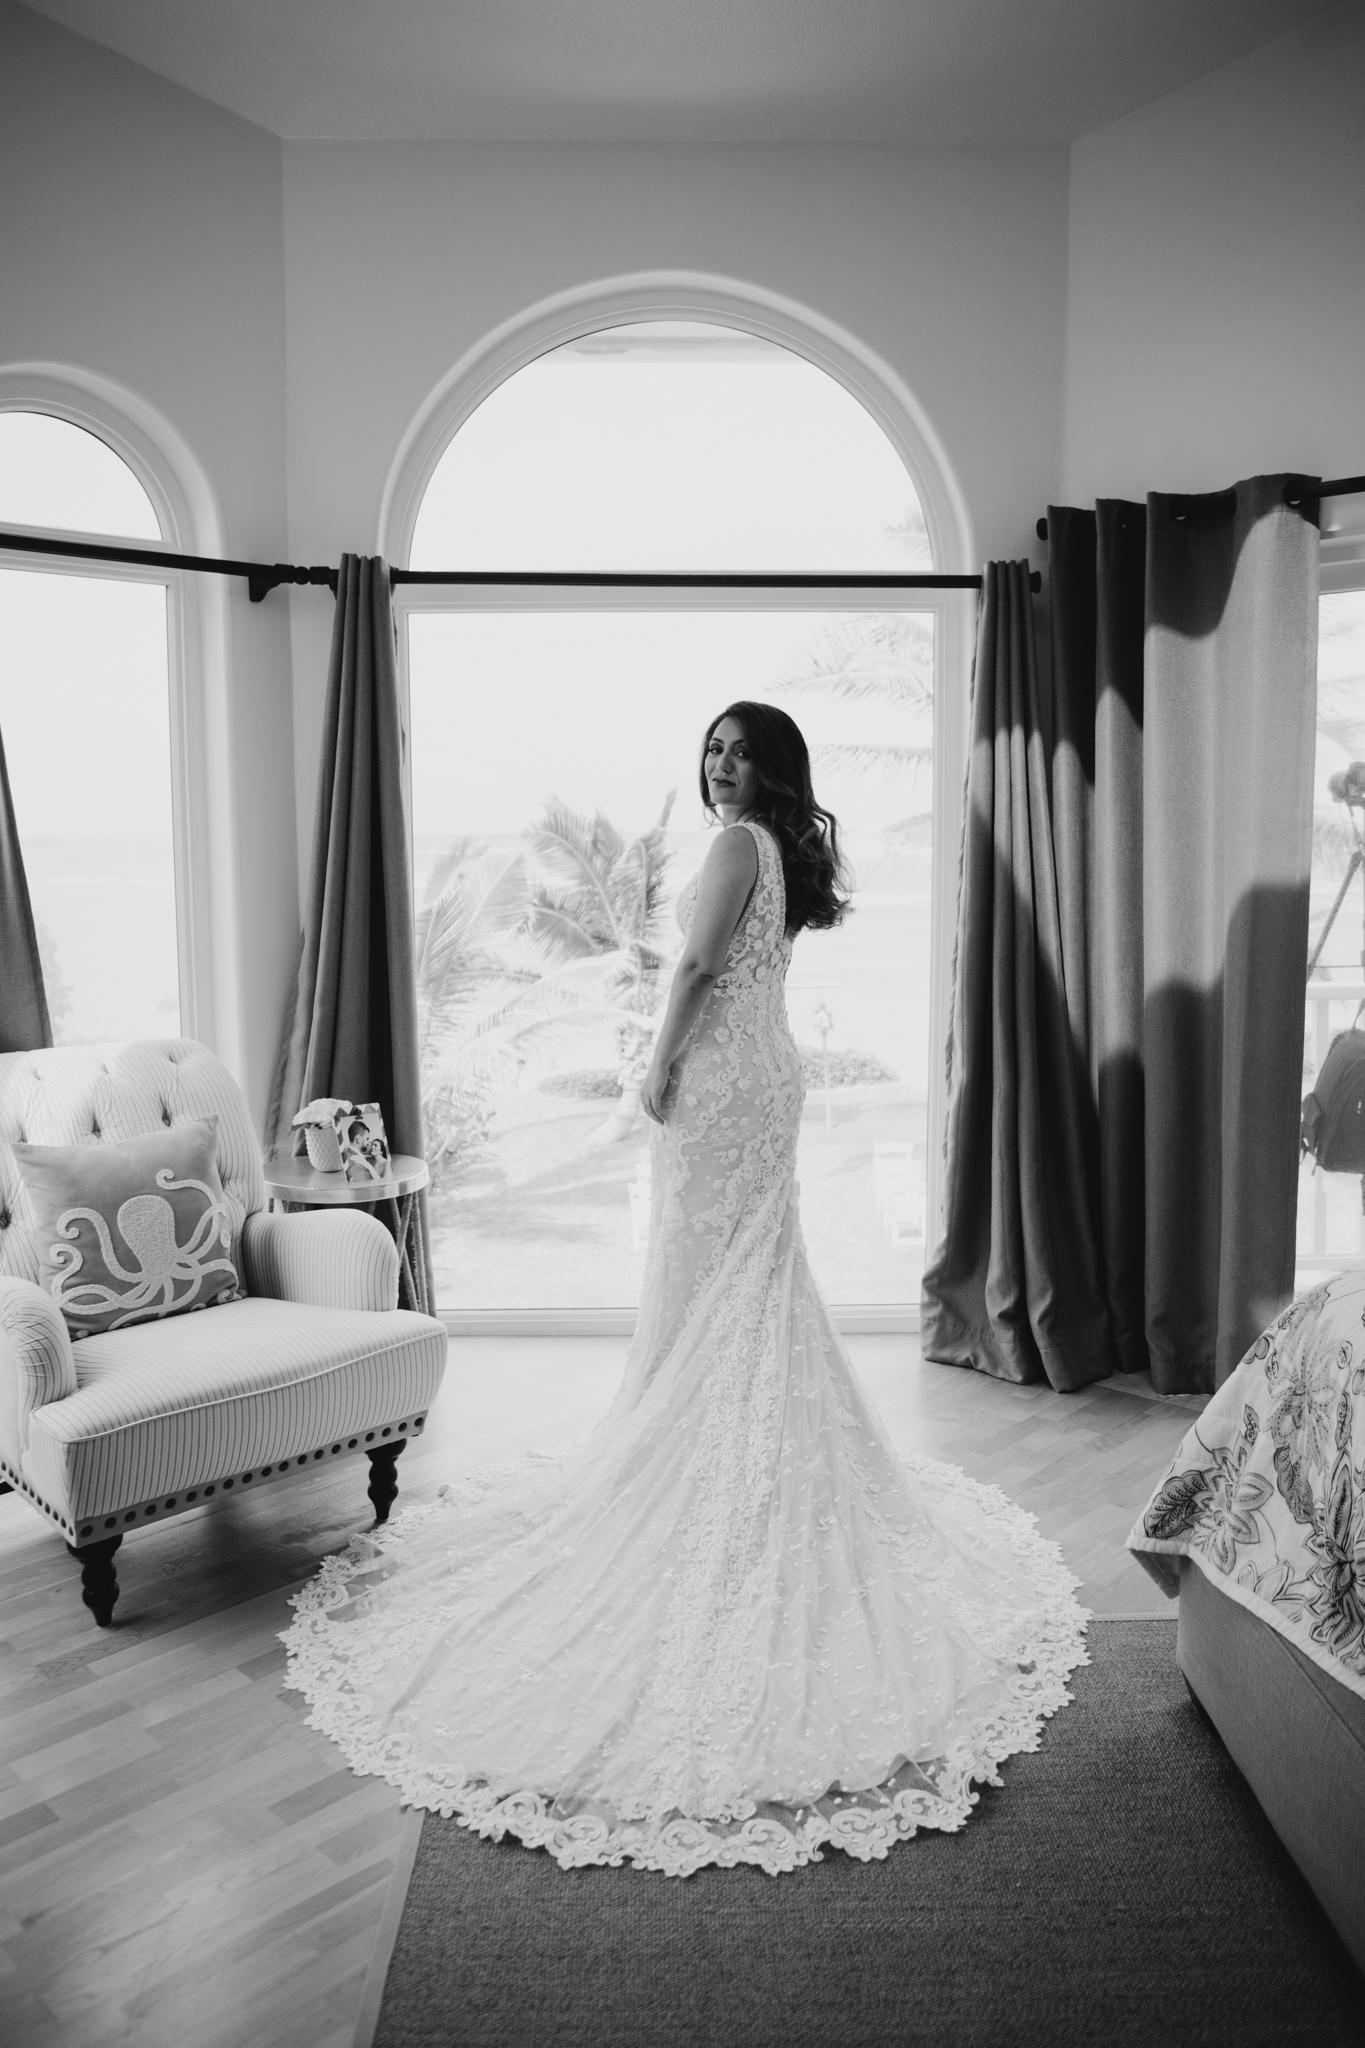 Black and white bride portrait